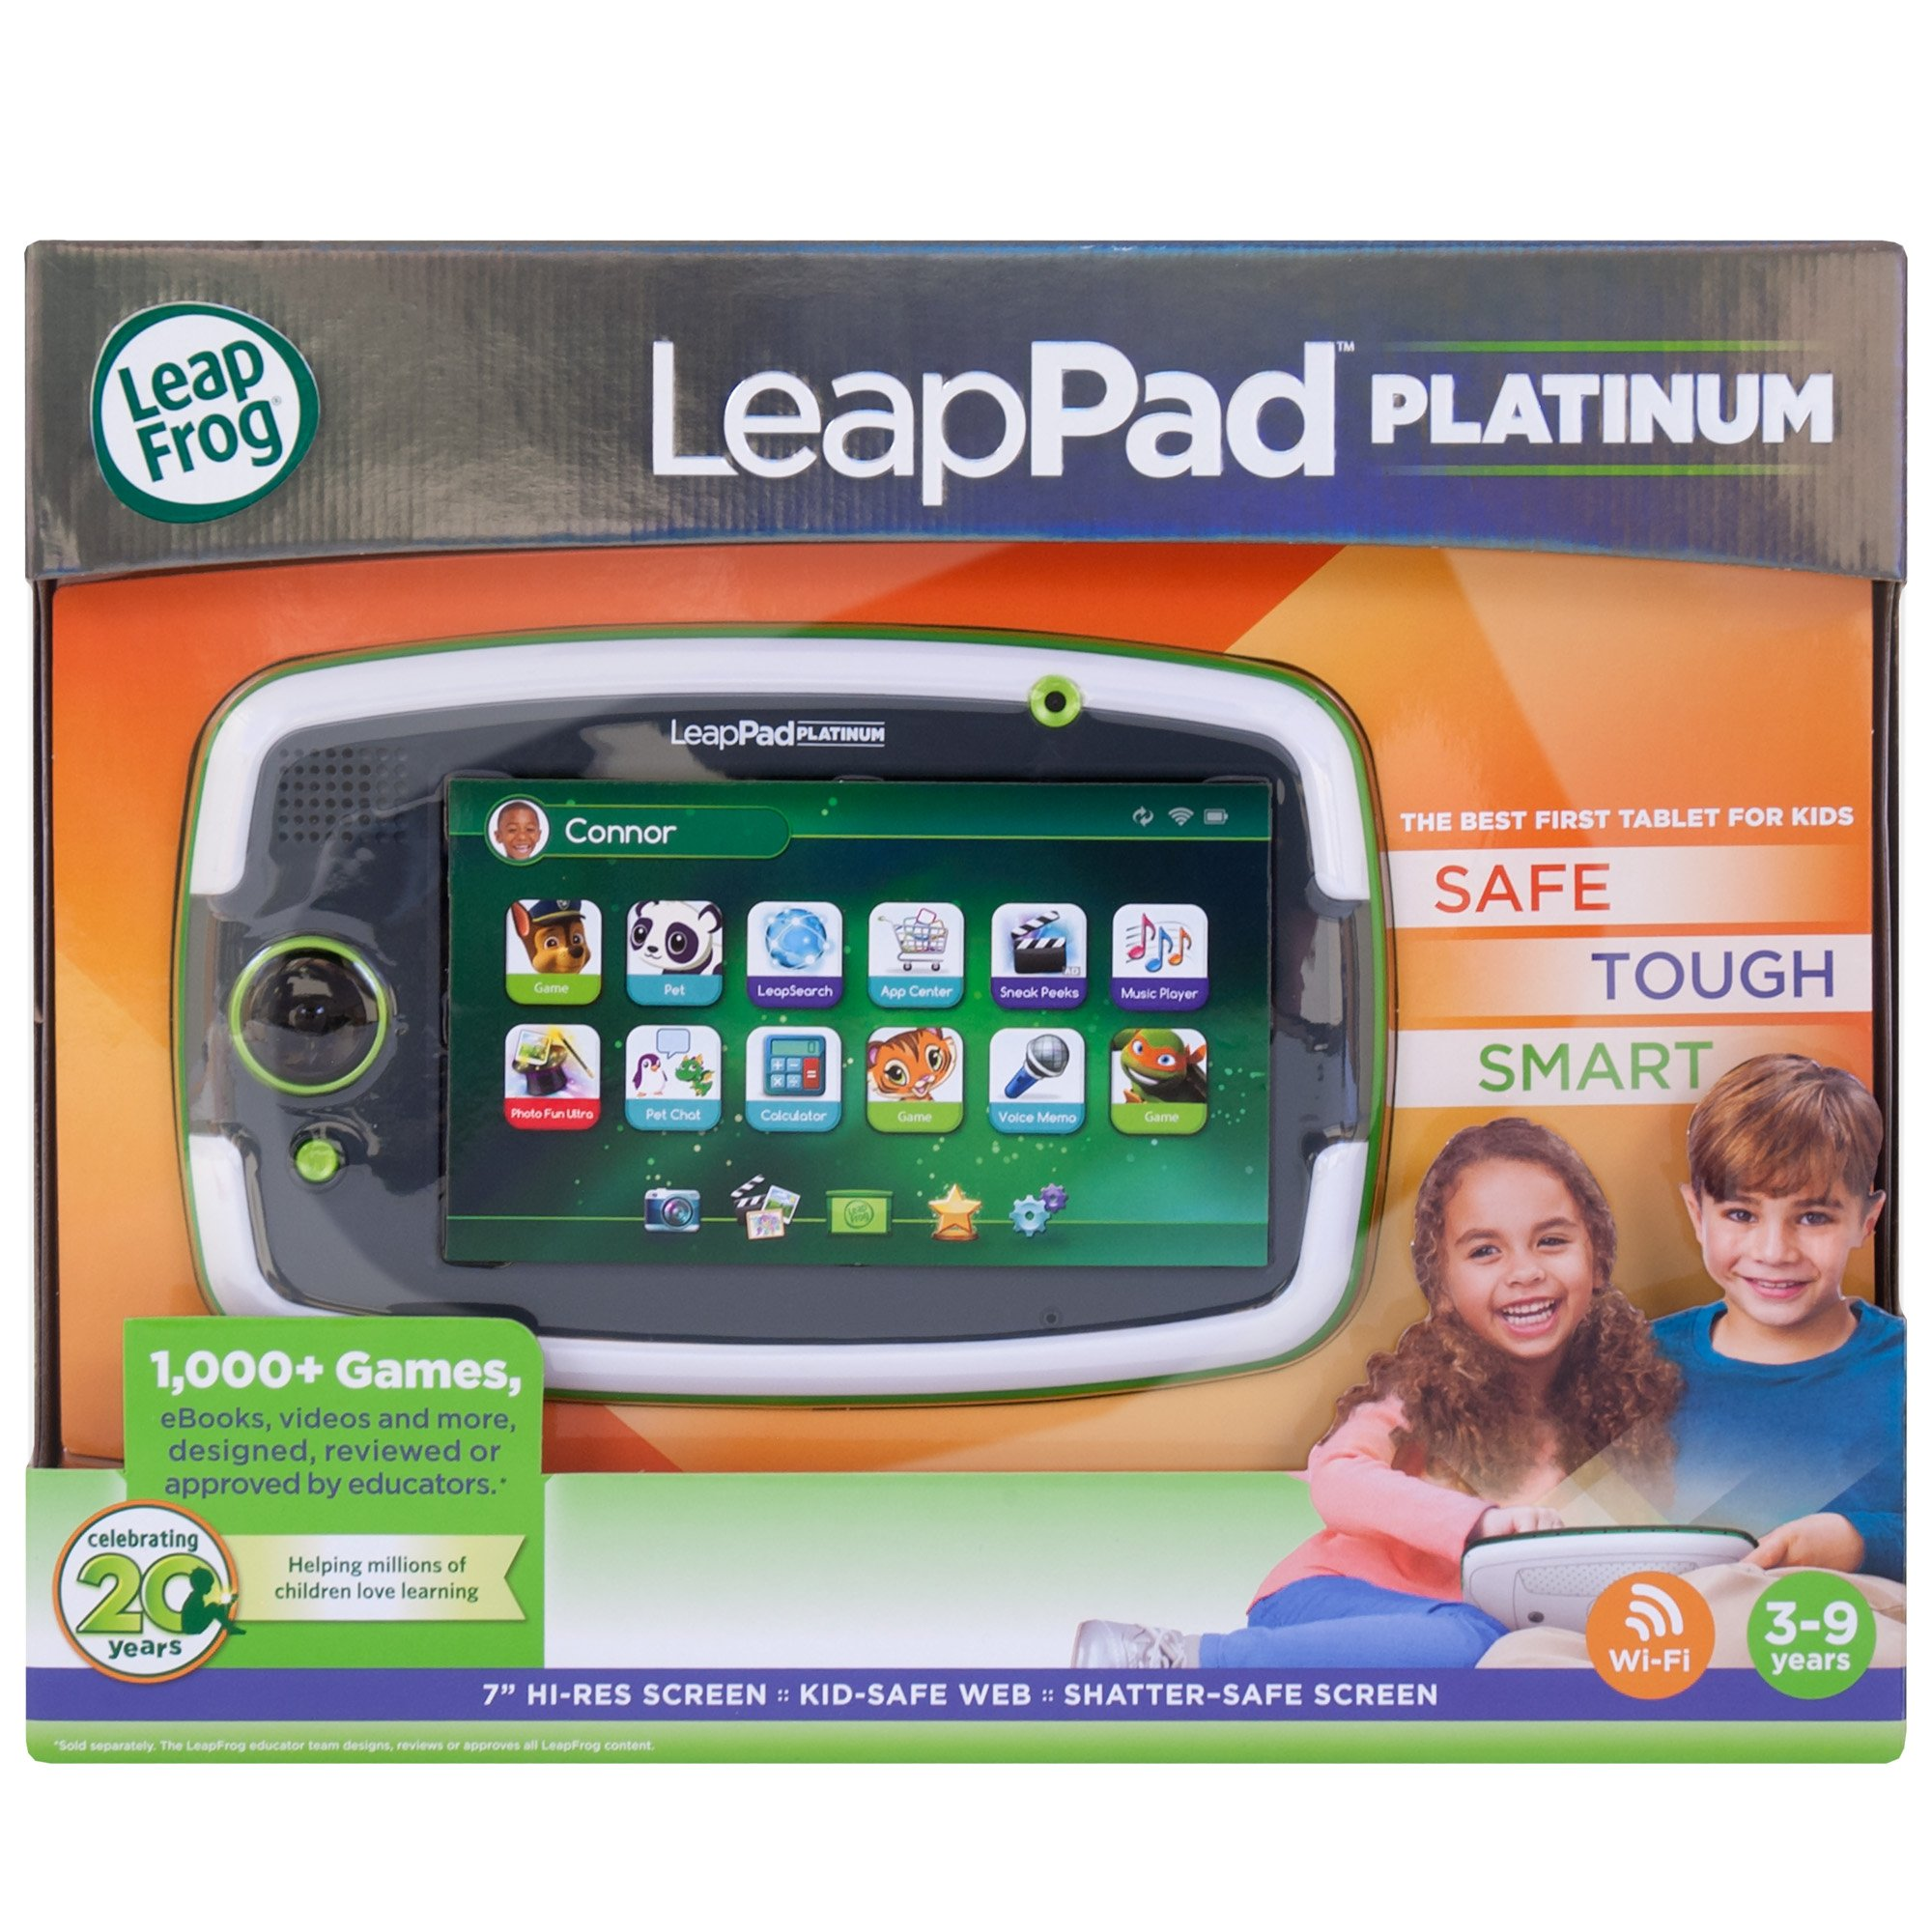 LeapFrog LeapPad Platinum Kids Learning Tablet, Green by LeapFrog. (Image #2)